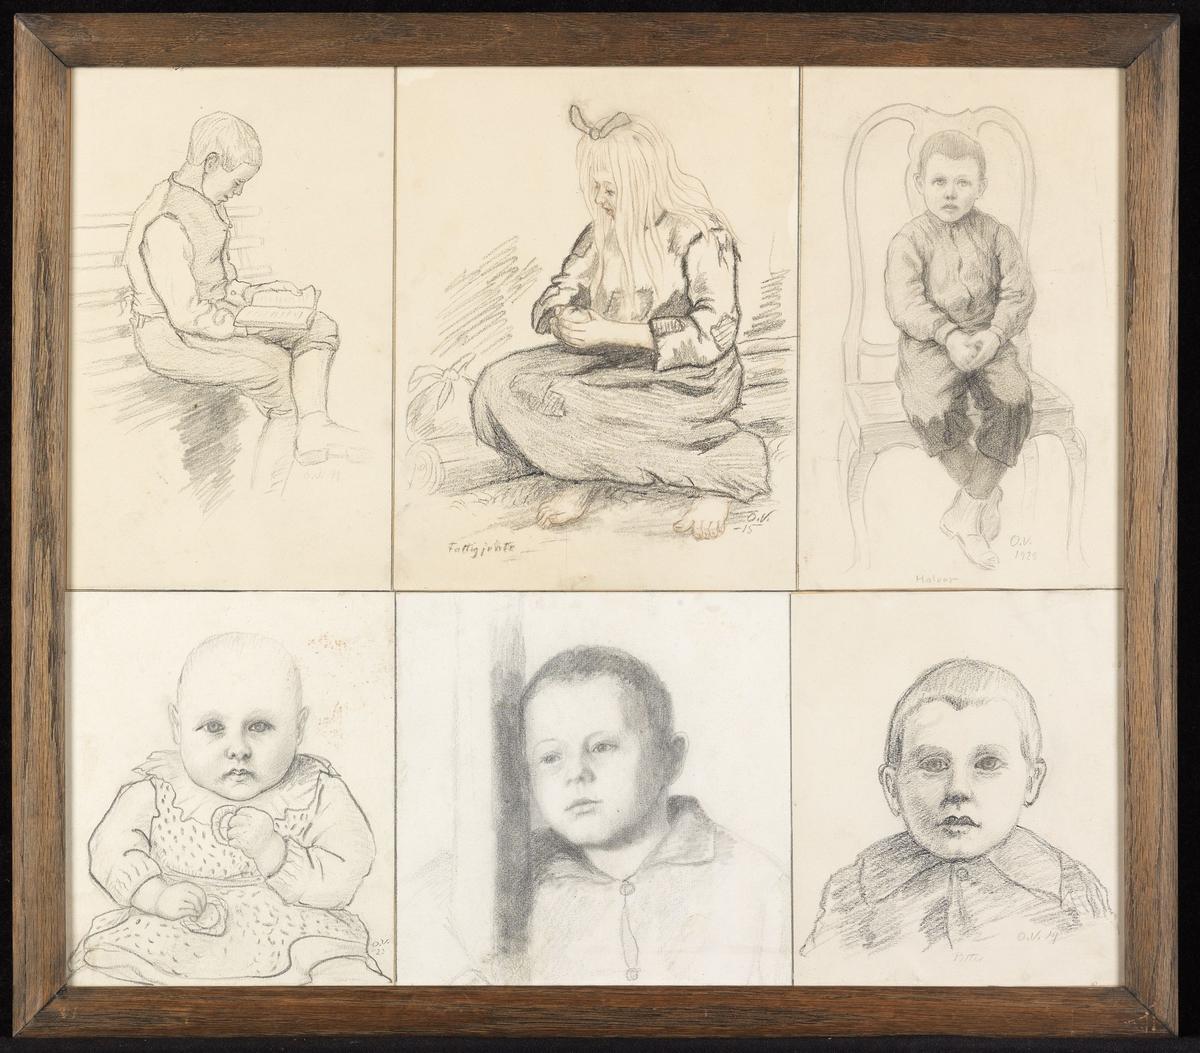 """Ned.tilv. 1) lite barn, sittende, m. kaker, skr. """"O.V:-23""""; 2) gutt, brystb., lenet til stokk; 3) gutt, brystb., frontal, skr.""""Petter, O.V.19""""; 4) øv.tilv. gutt, sittende, lesende, høyreprof.; 5) pike, sittende på tømmerstokk, skr.""""Fattigjente, O.V.-15""""; 6) gutt sittende på stol, skr.""""Halvor, O.V.1929"""""""